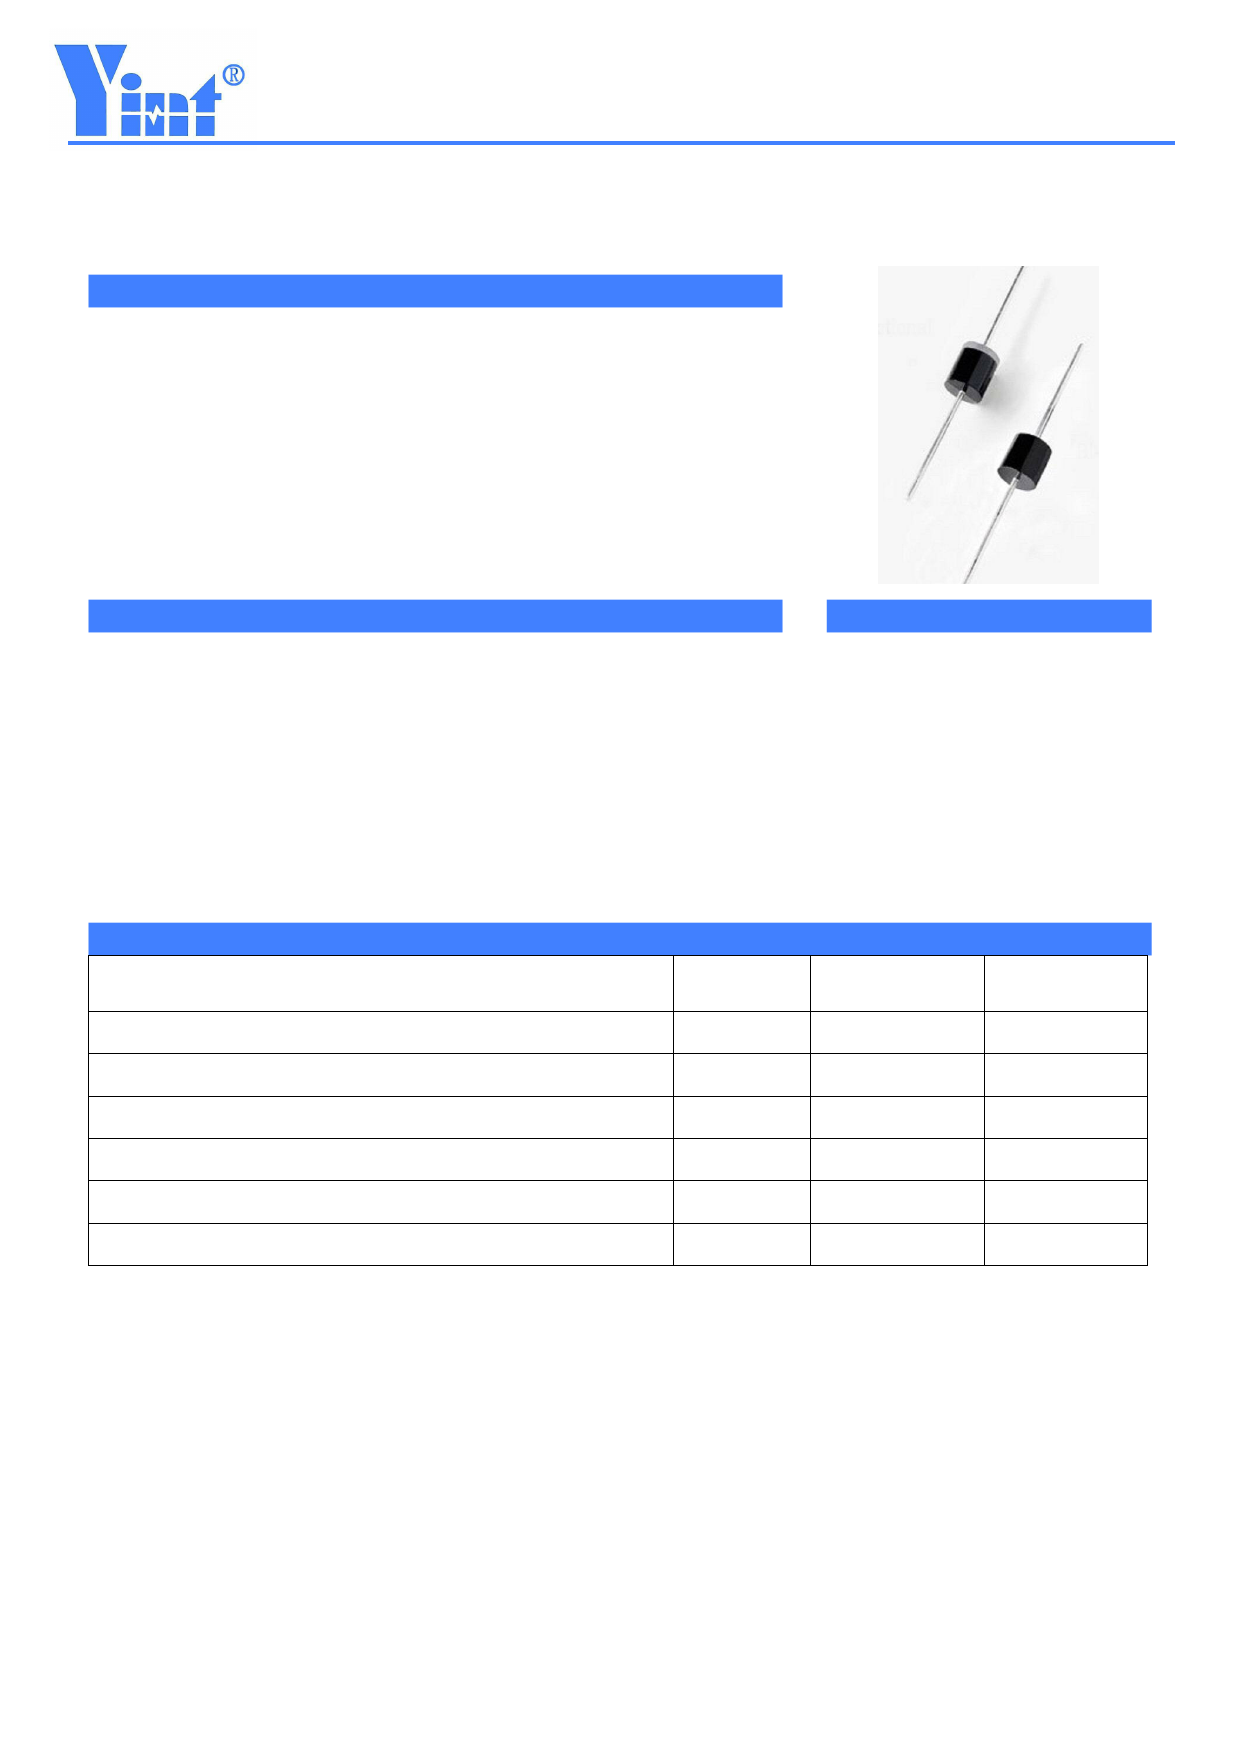 3.0KP12A datasheet